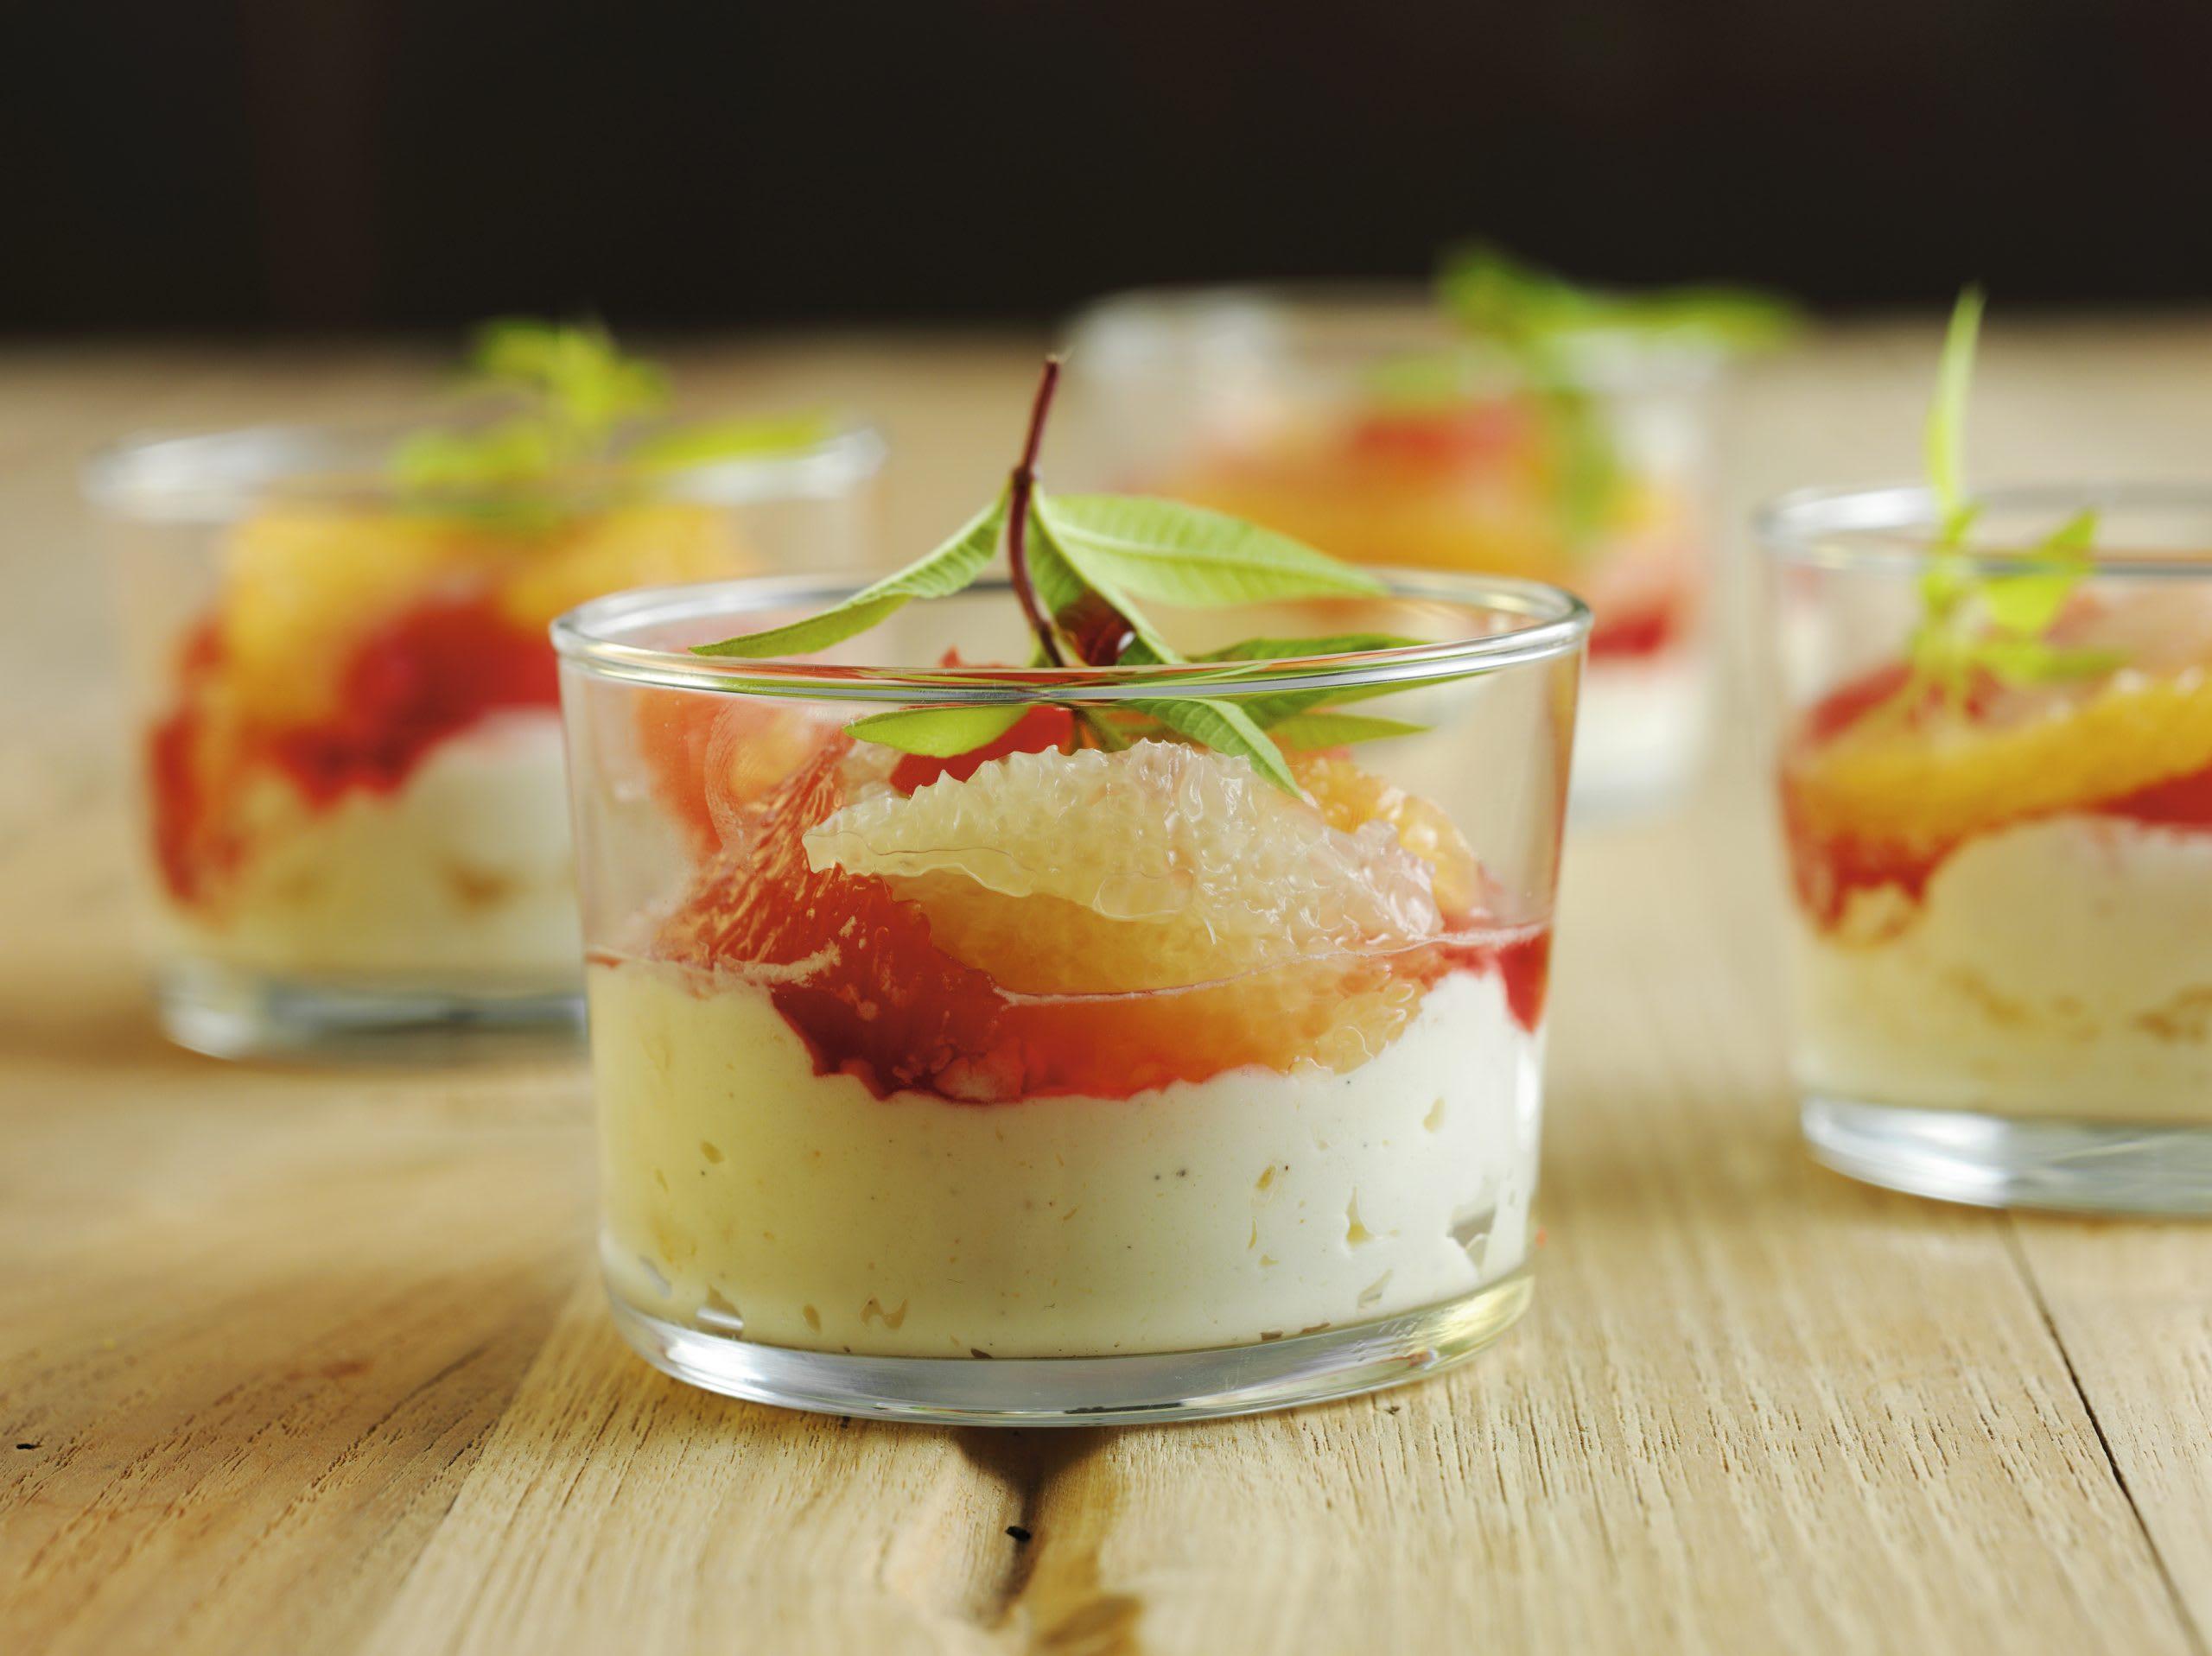 Mascarpone-Meringue-Crème mit Zitrusfrüchten